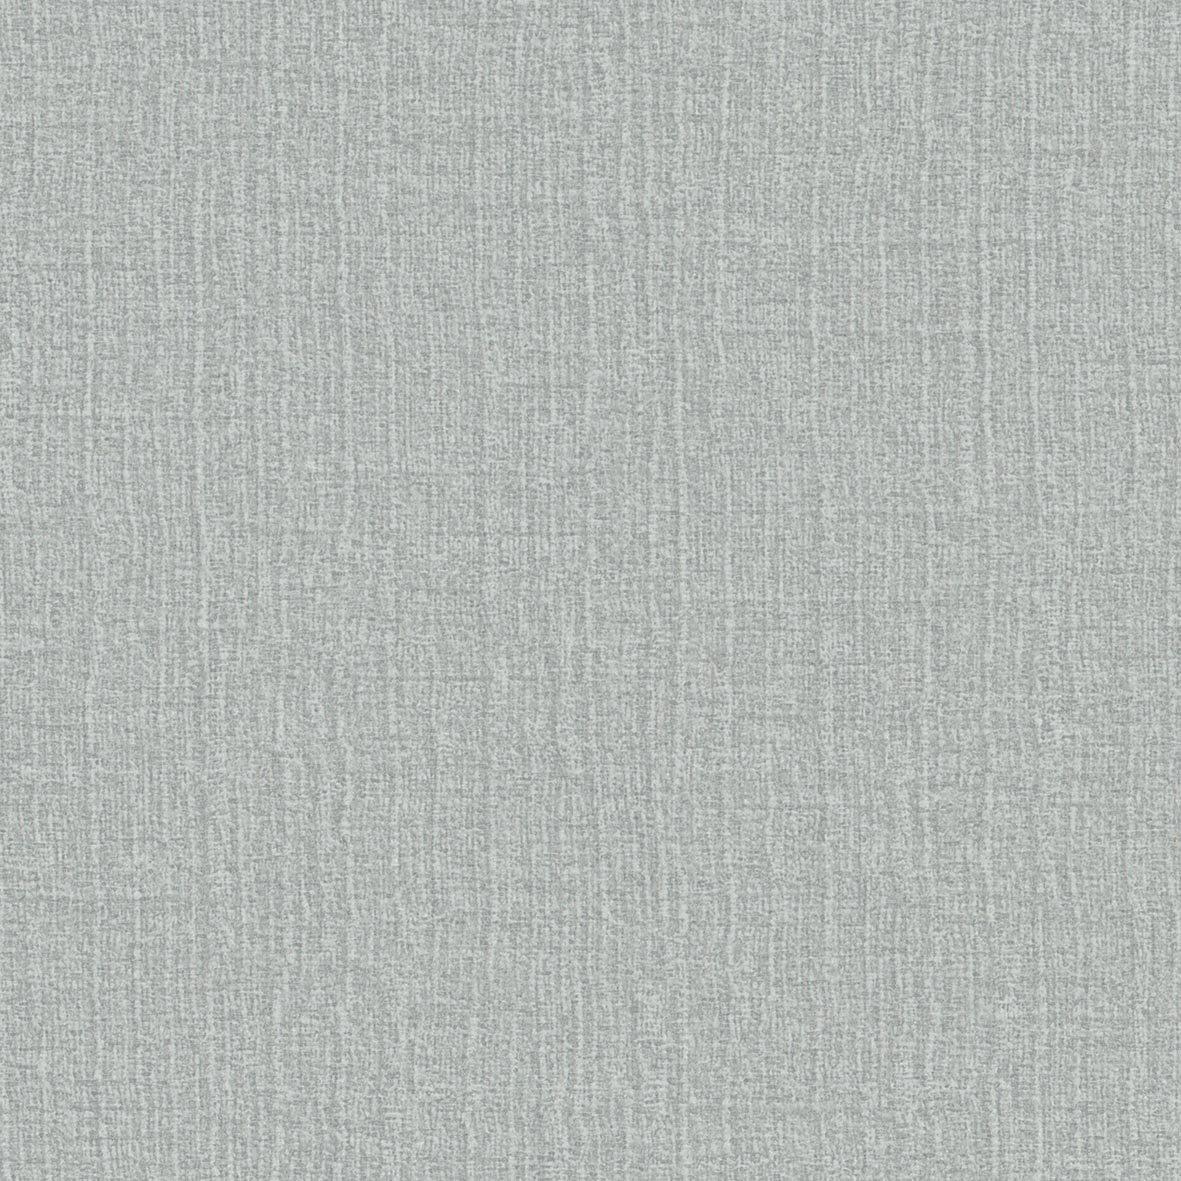 リリカラ 壁紙39m モダン 和紙調 グレー 撥水トップコートComfort Selection-消臭- LW-2064 B07612V9QS 39m|グレー1